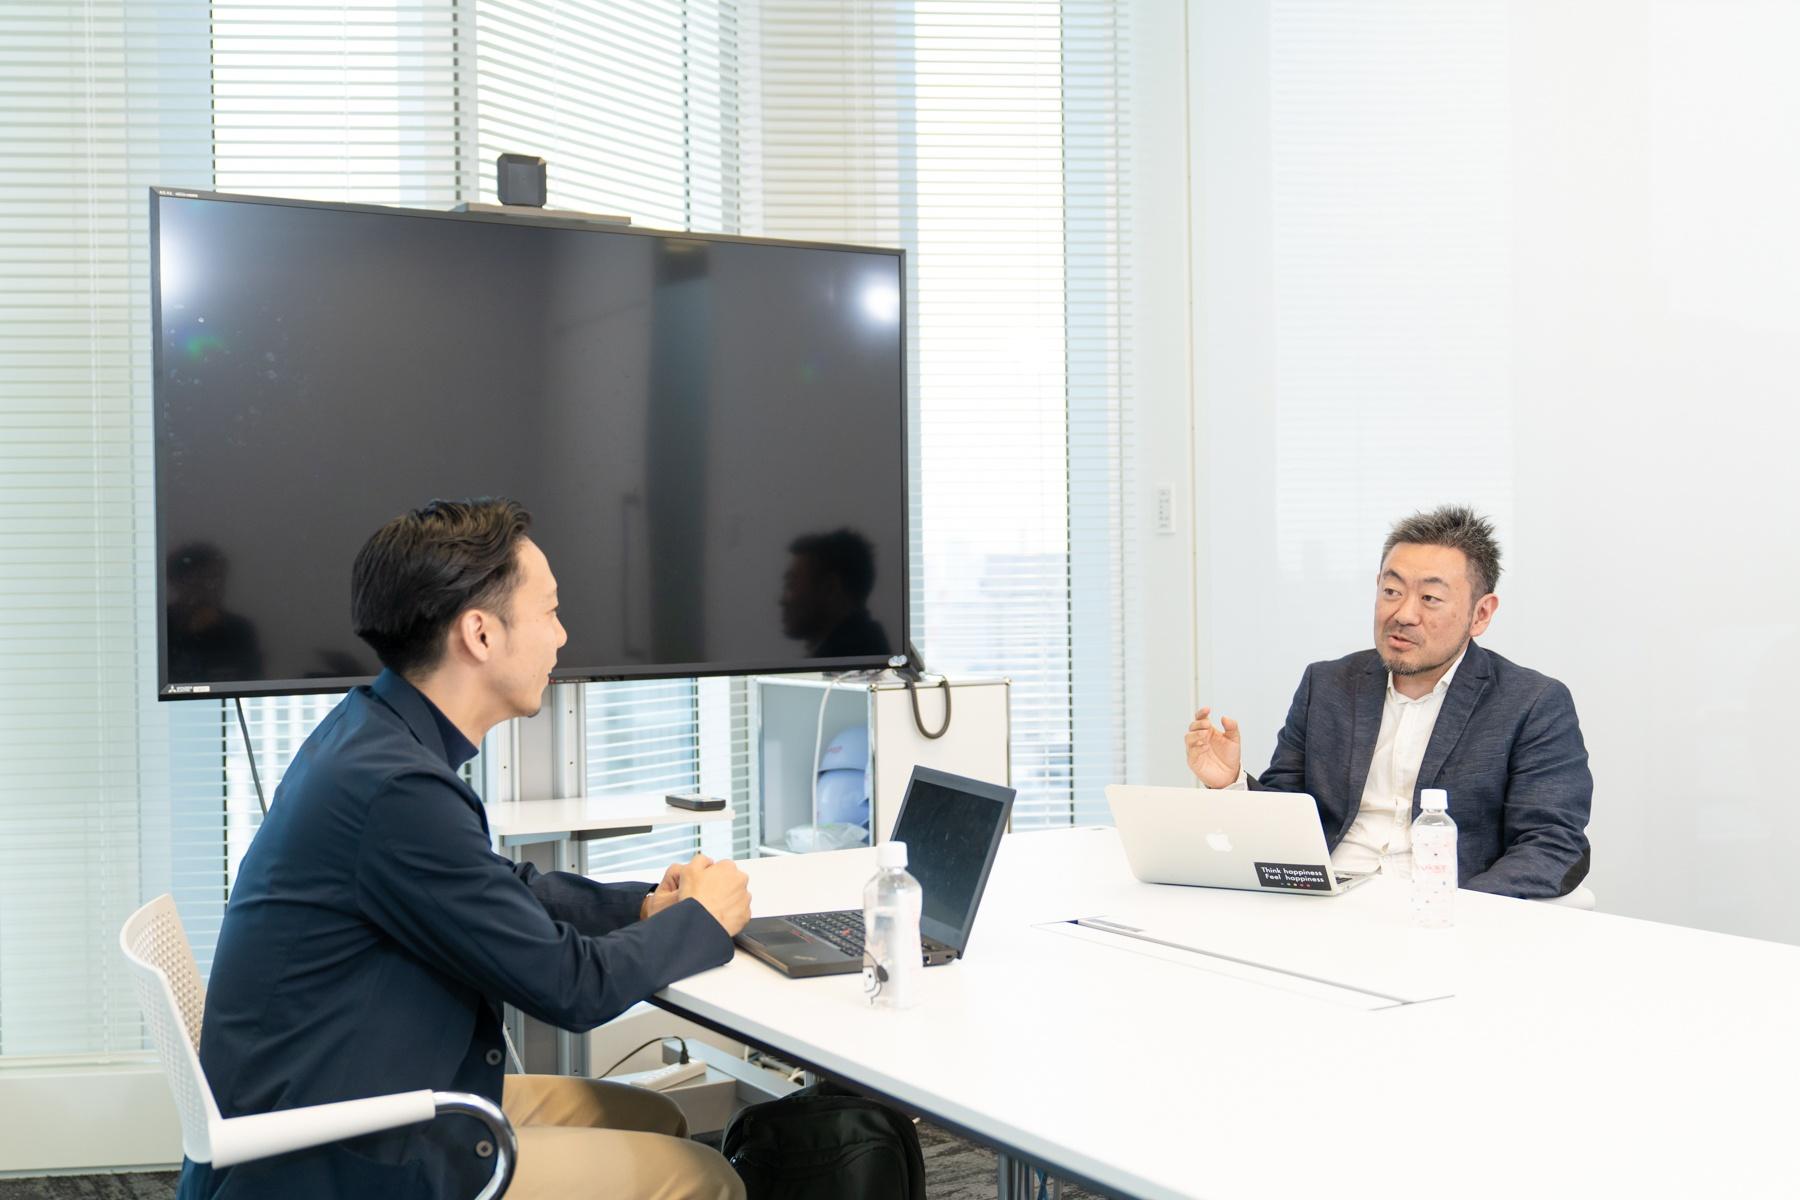 伊藤羊一さん HITO-Linkサービス事業責任者 河内佑介との対談